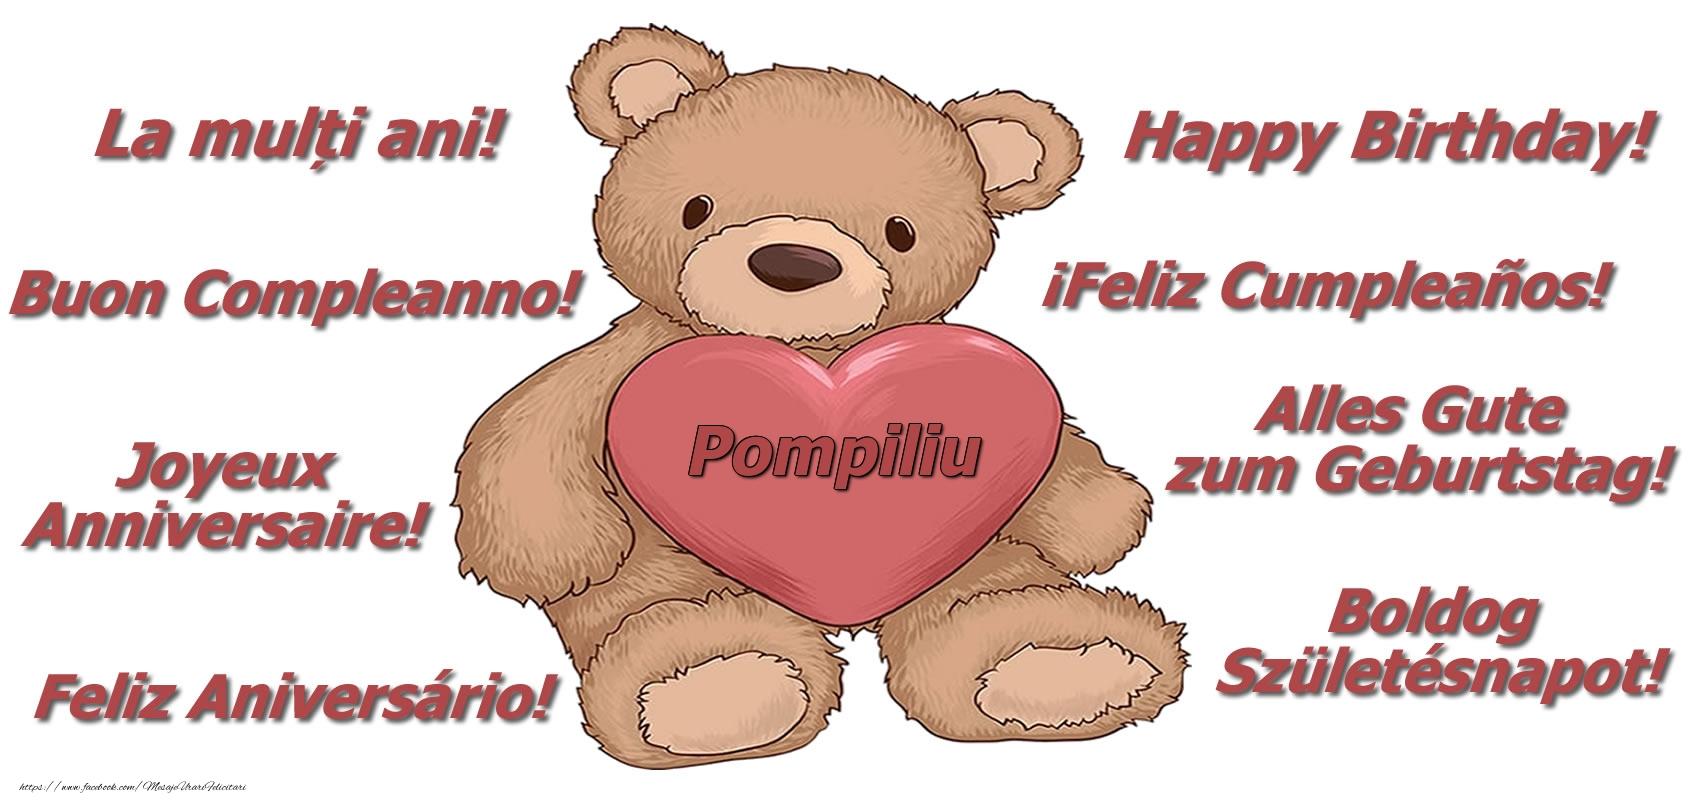 Felicitari de zi de nastere - La multi ani Pompiliu! - Ursulet